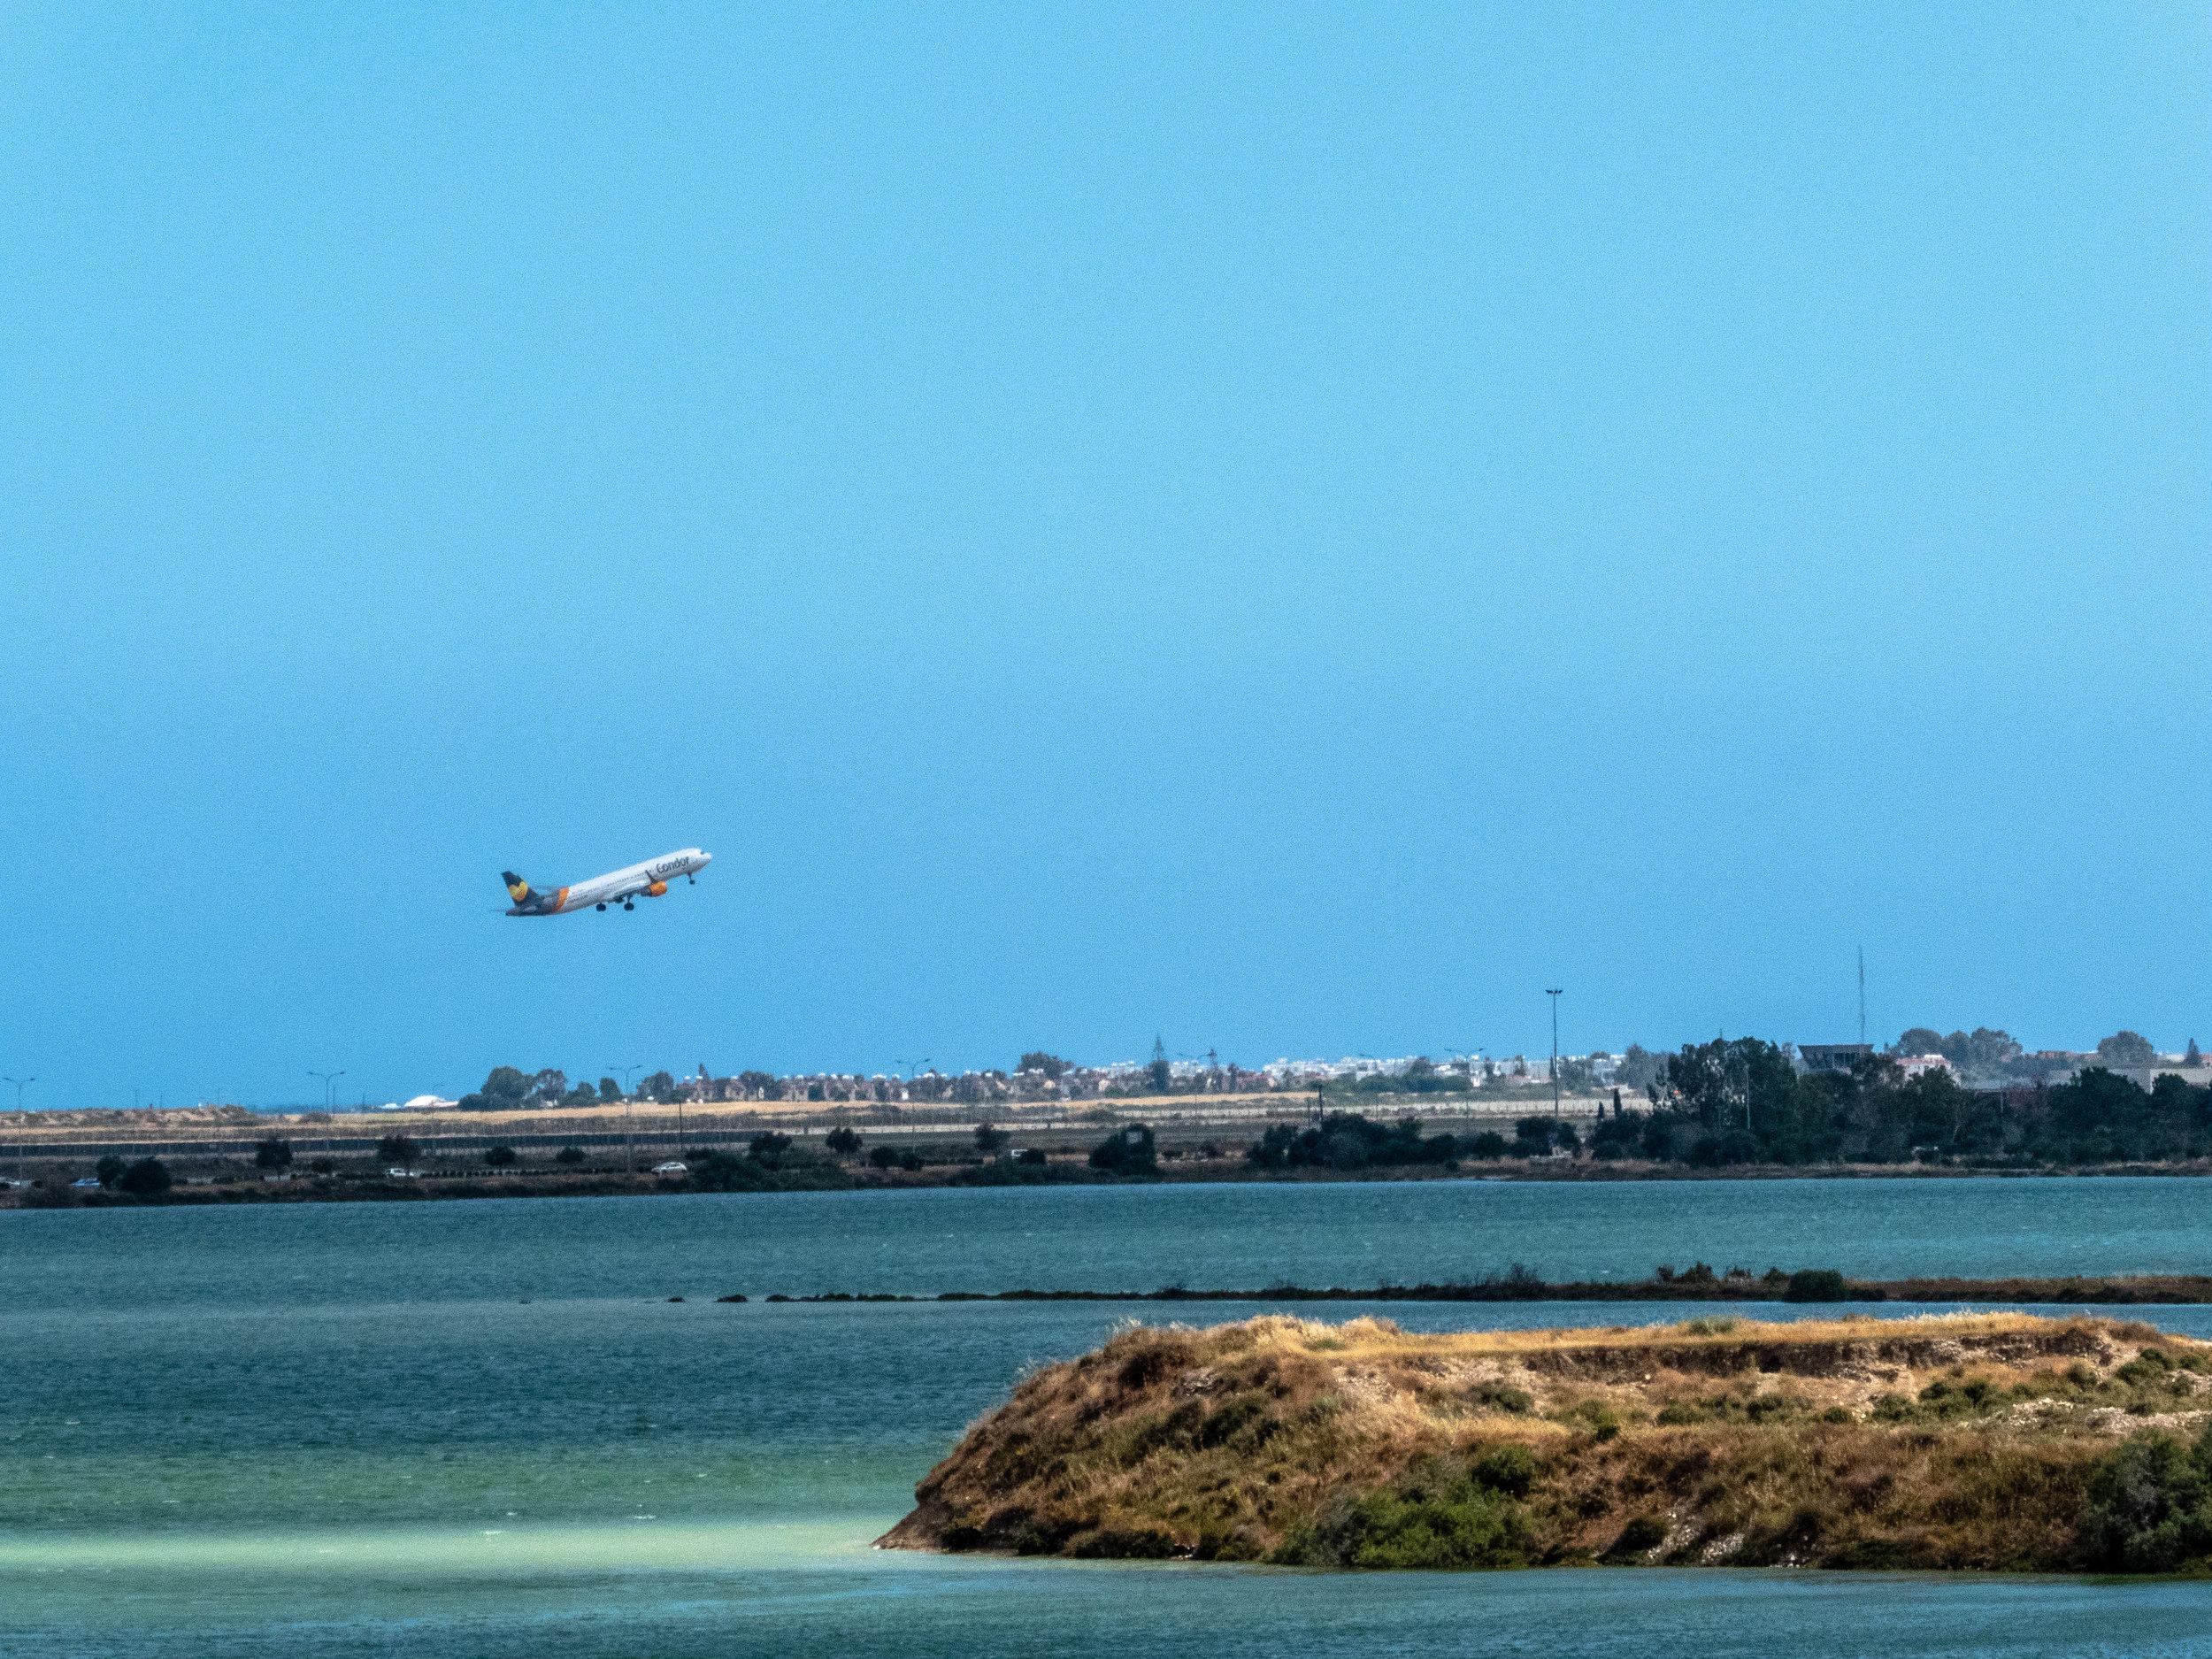 A plane spotter's dream